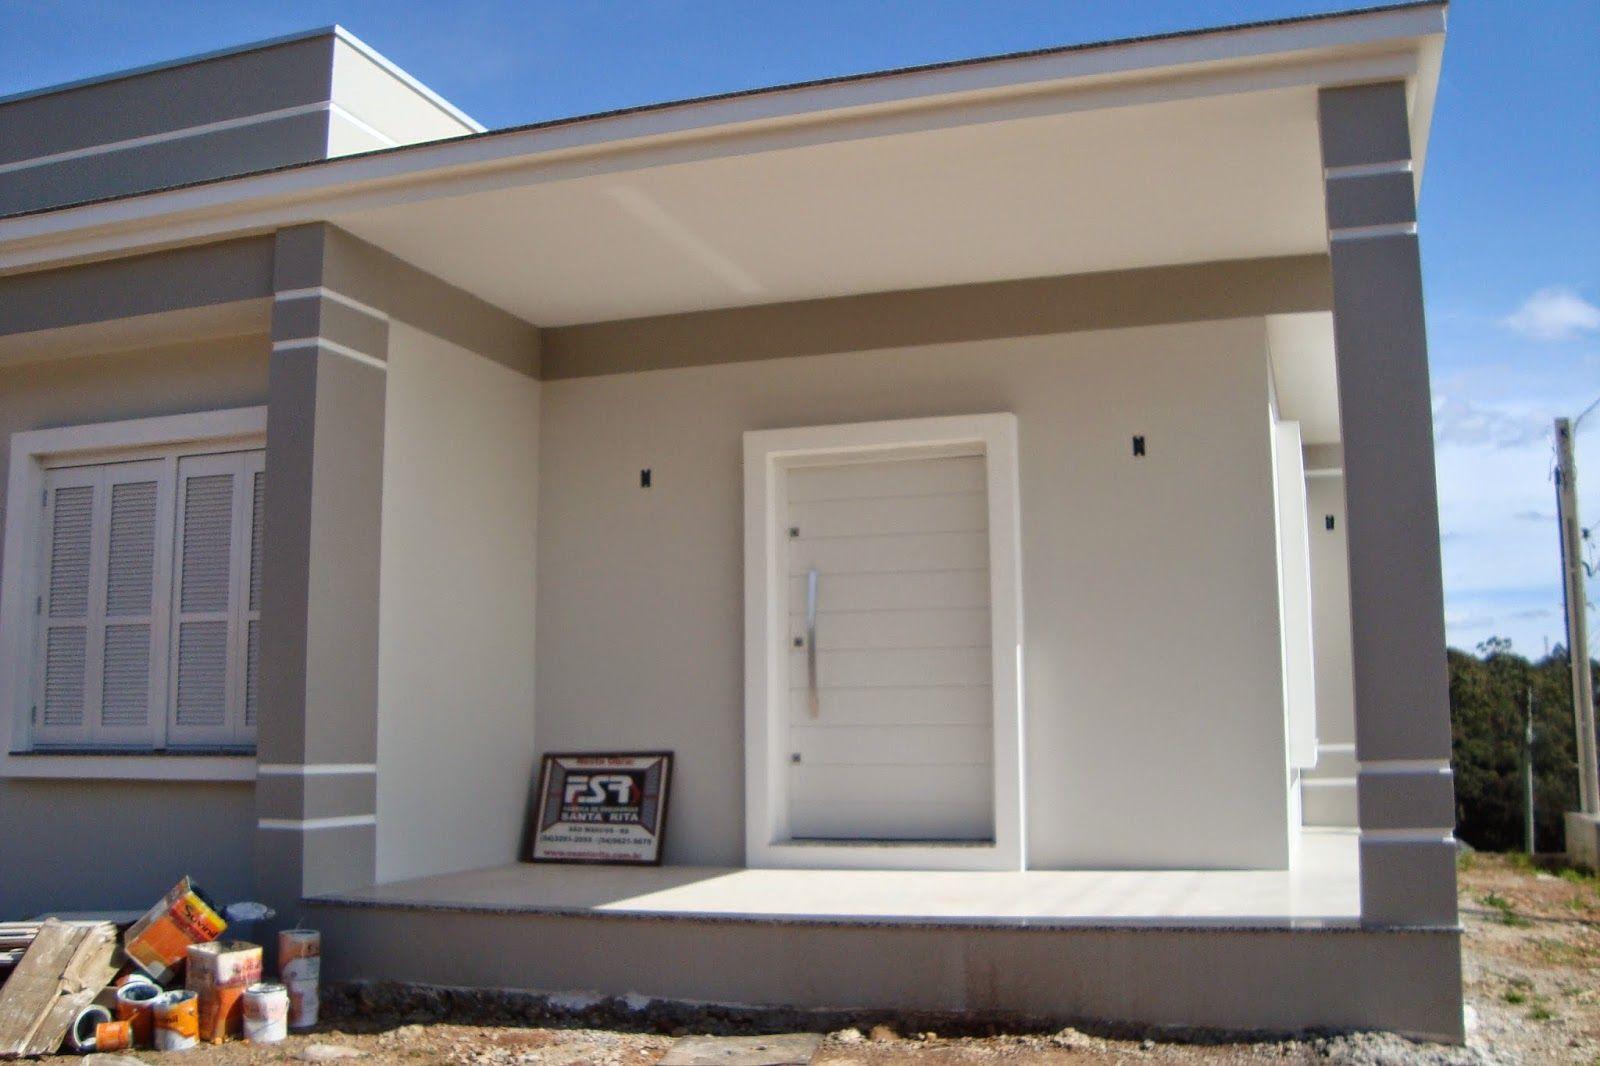 Casa cinza pintura pintura casa pinterest casa - Pintura para fachadas de casas ...